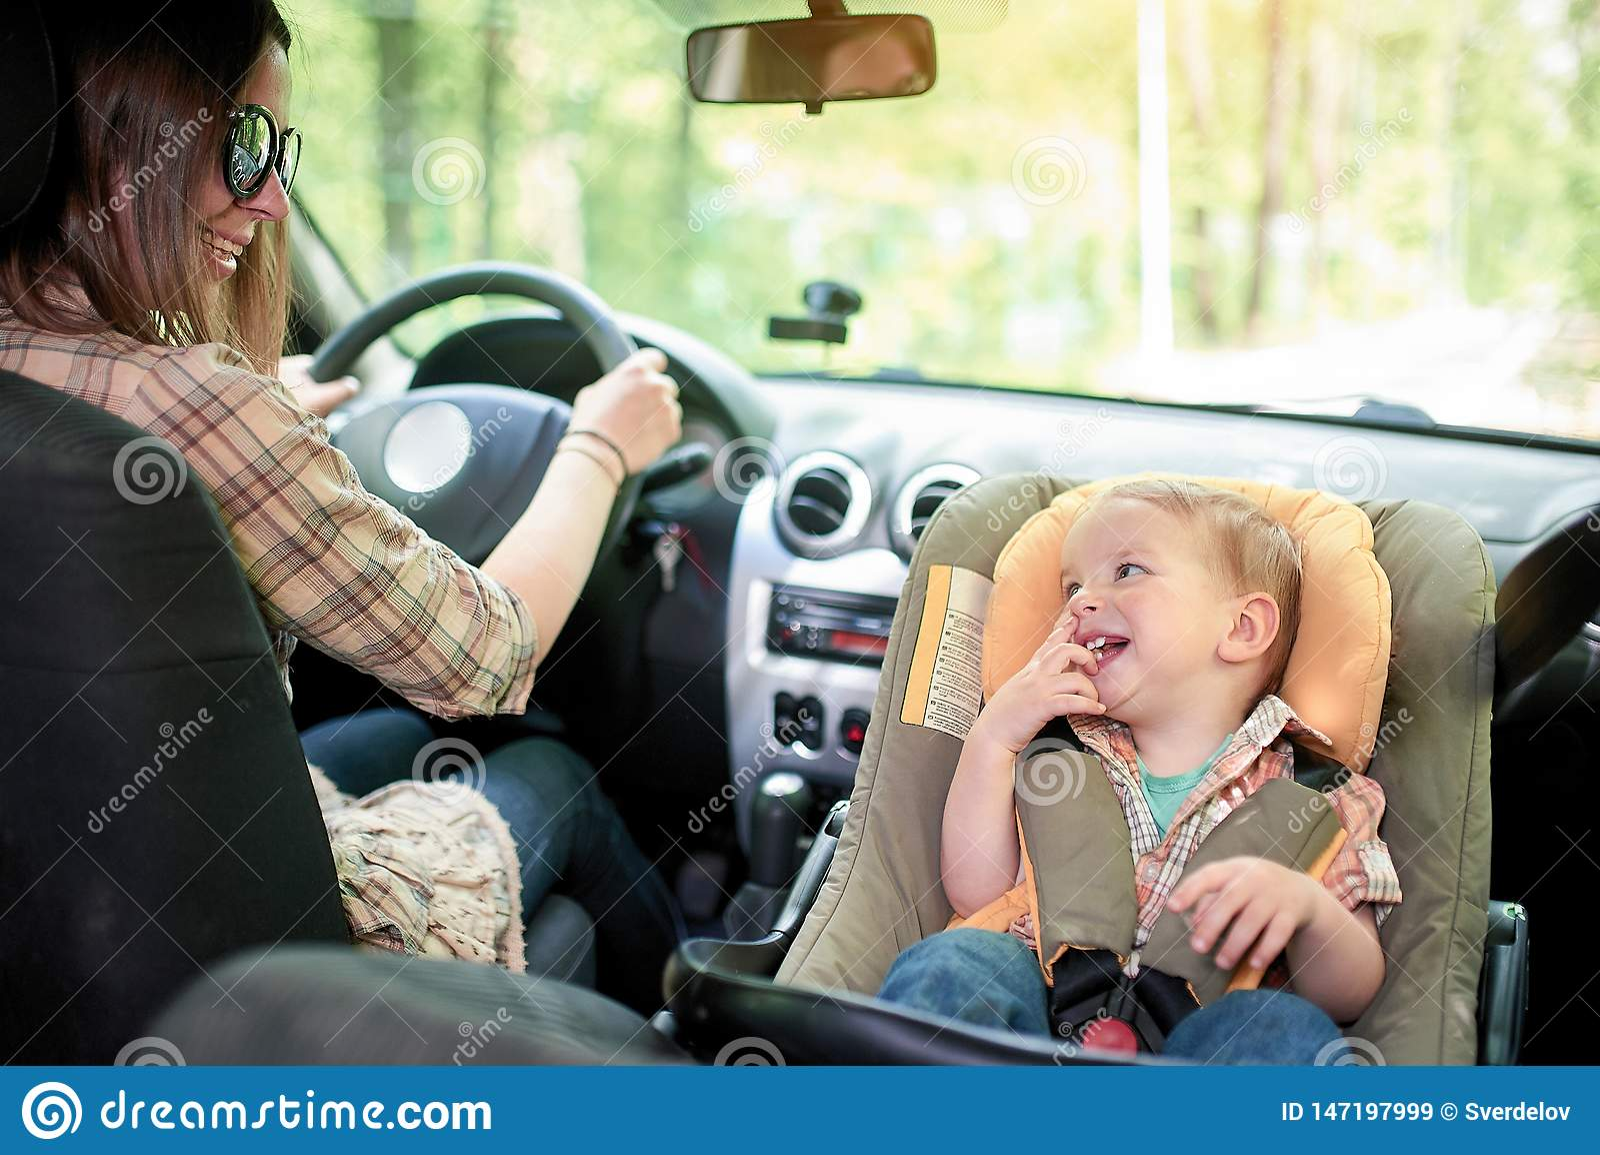 驾驶汽车的年轻美女 在一个前座登上了儿童与一个俏丽的1岁小孩男孩的安全位子